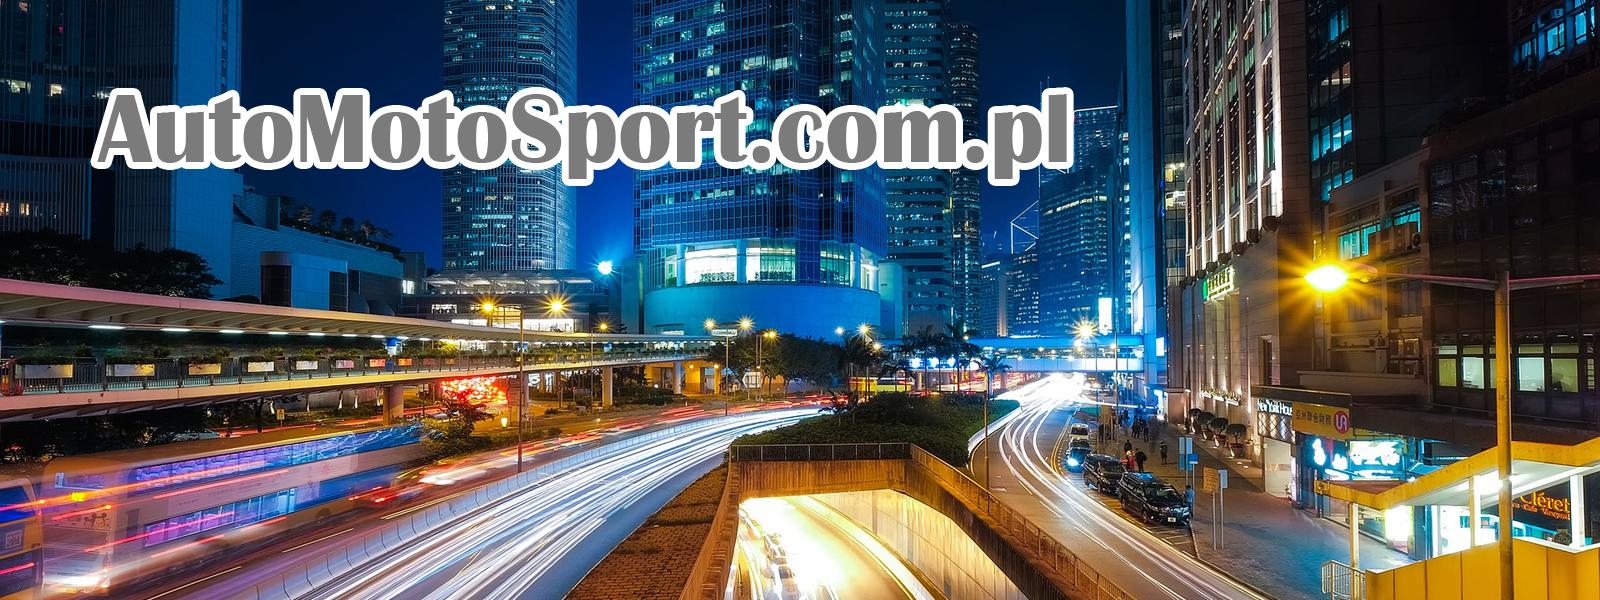 AutoMotoSport.com.pl - Wszystko co związane z motoryzacją